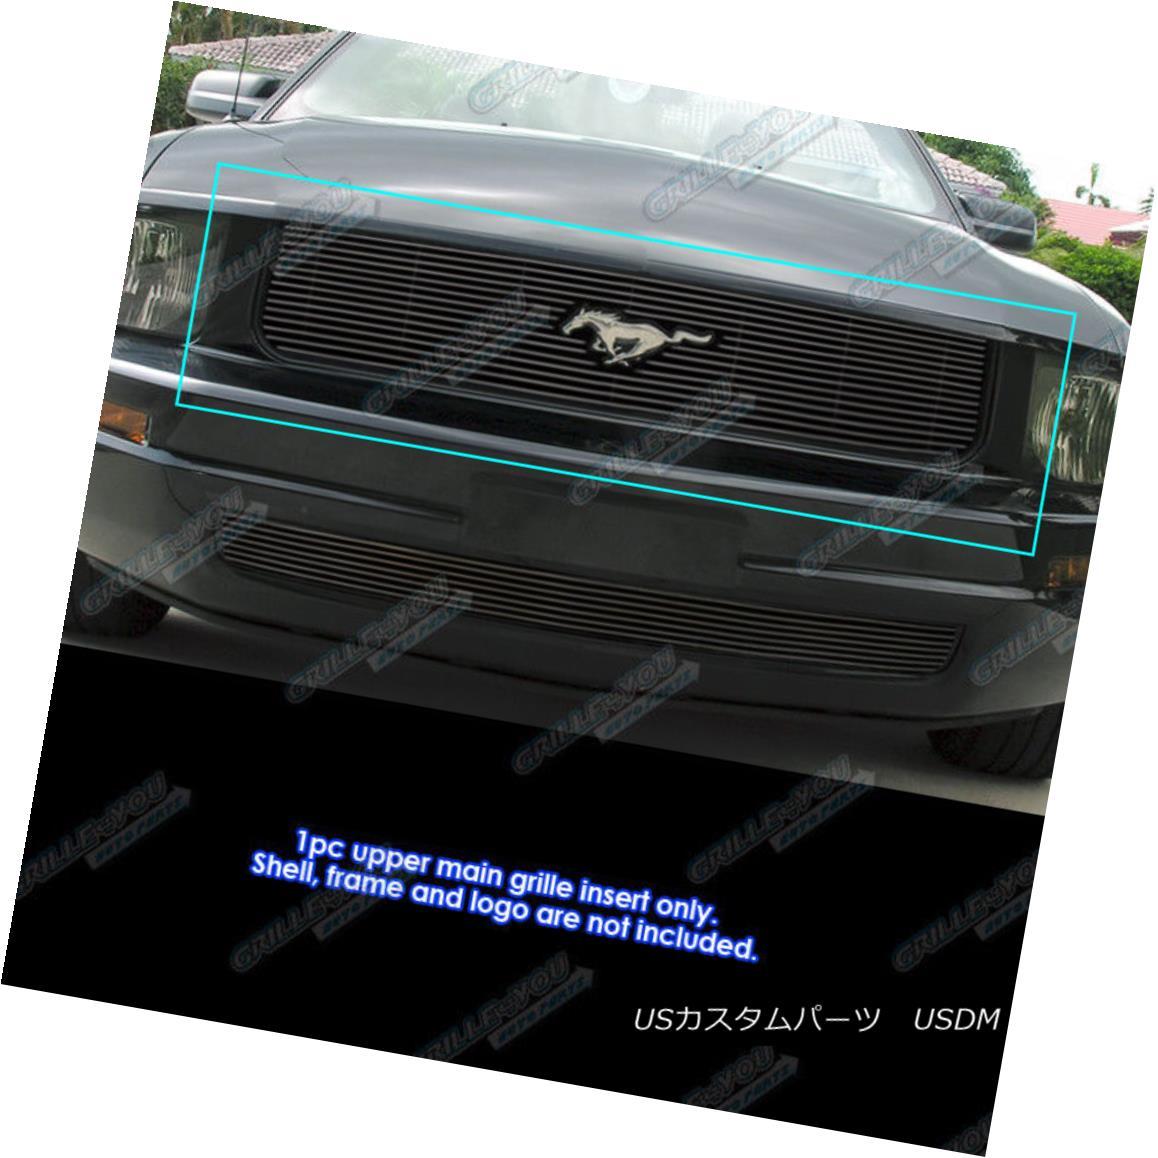 グリル Fits 2005-2009 Ford Mustang V6 With Logo Show Black Billet Grille Grill Insert 2005-2009 Ford Mustang V6とロゴショーを合わせるBlack Billet Grille Grill Insert